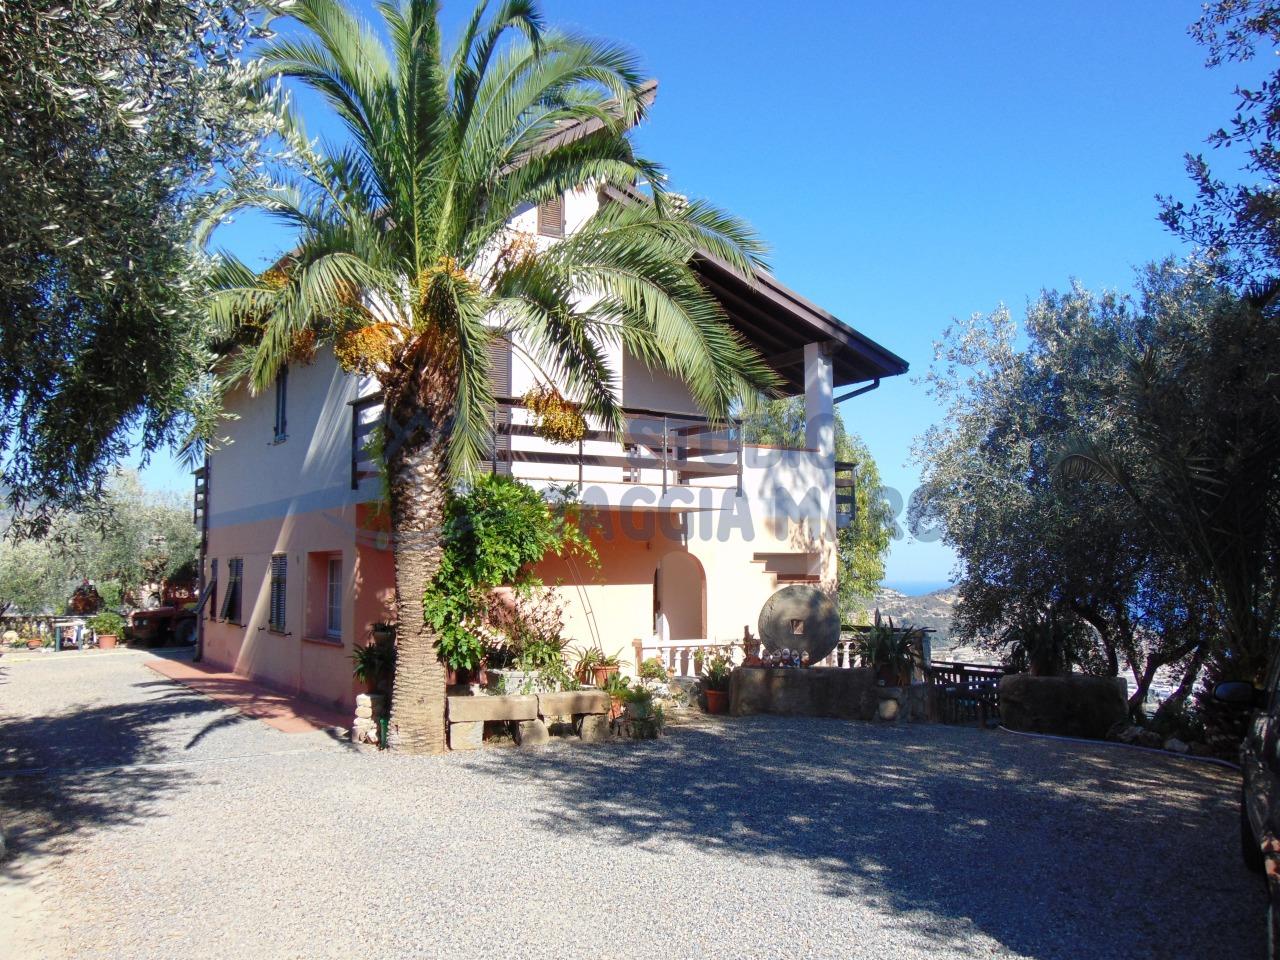 Soluzione Indipendente in vendita a Taggia, 15 locali, prezzo € 690.000 | Cambio Casa.it